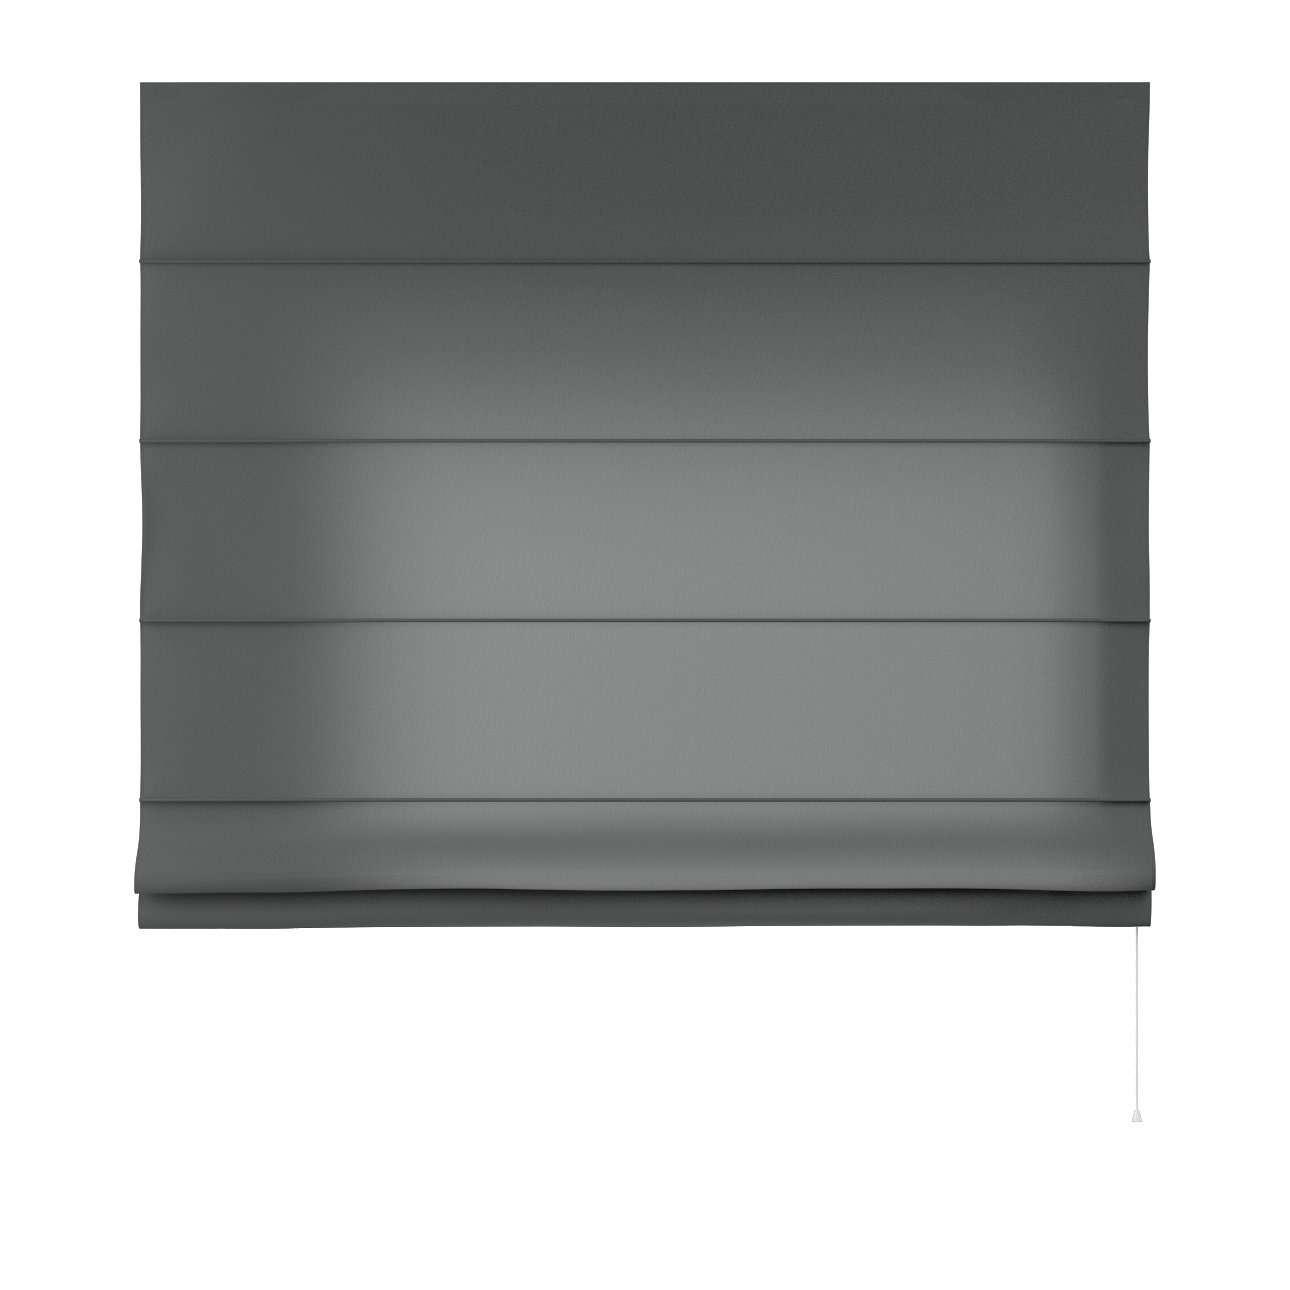 Romanetės Capri 80 x 170 cm (plotis x ilgis) kolekcijoje Quadro, audinys: 136-14